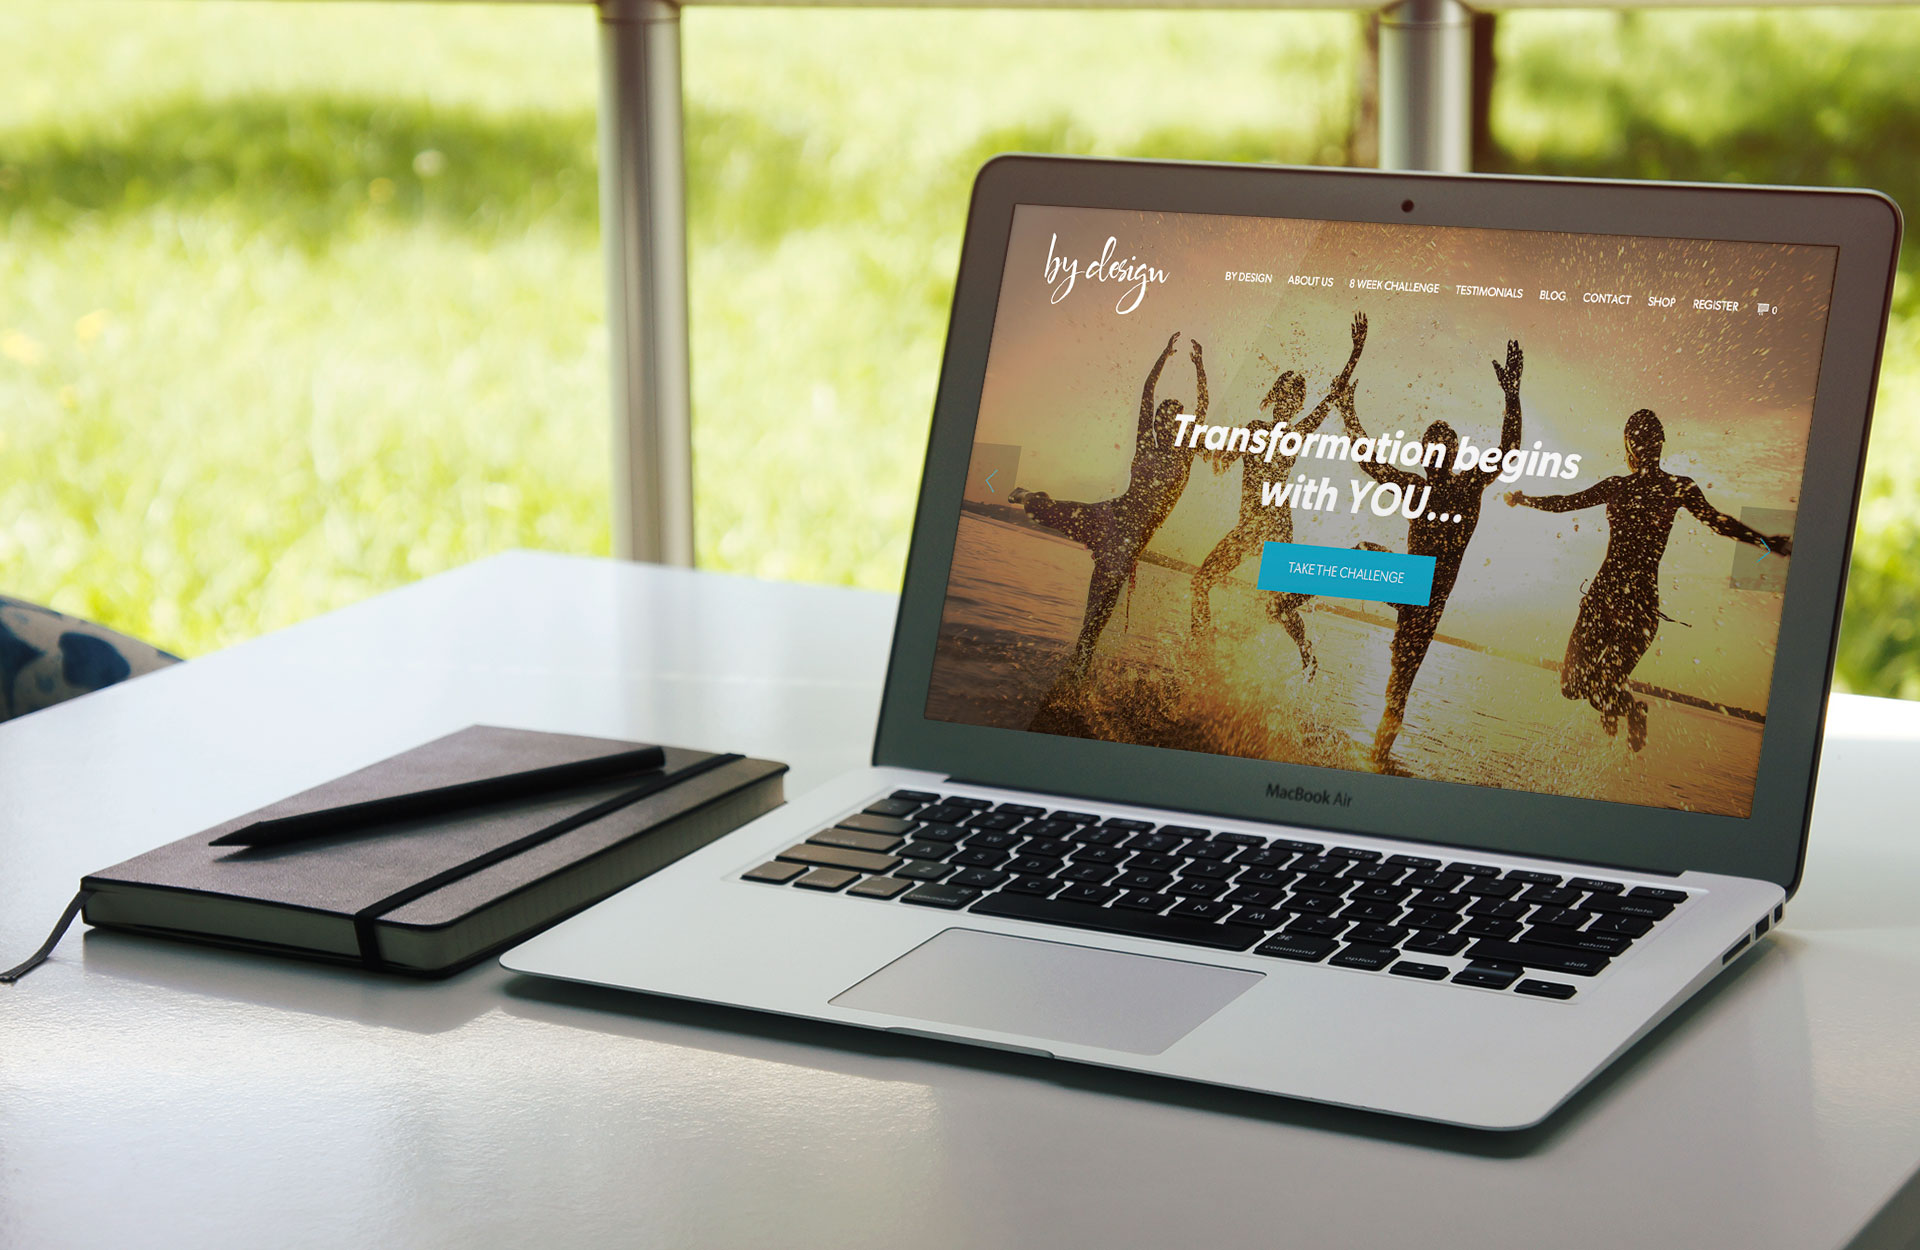 48north-bydesign-website-mockup